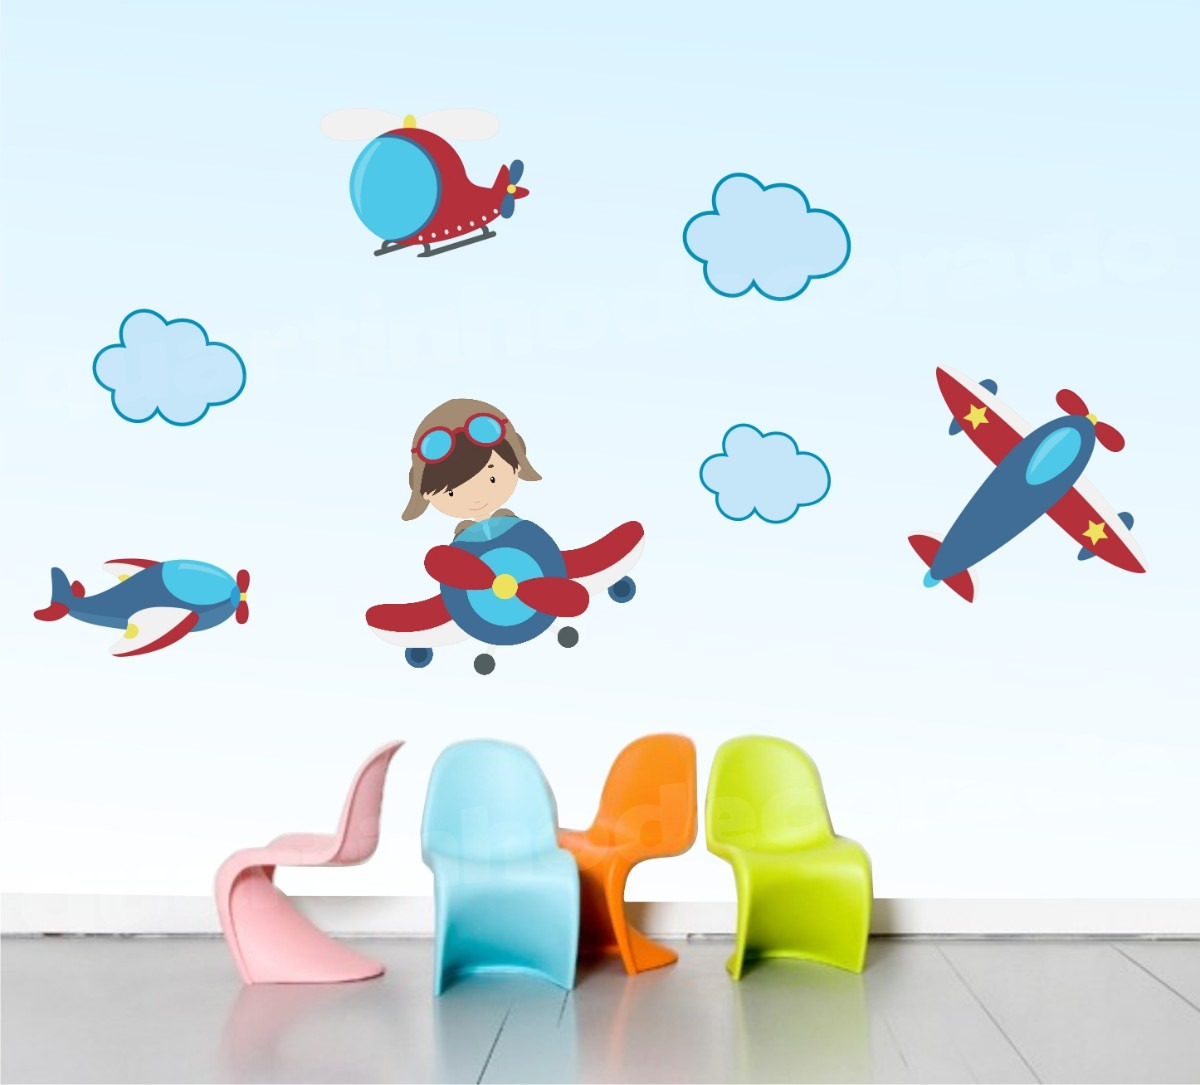 Adesivo De Parede Infantil Nuvens ~ Adesivo Infantil Aviões Céu Decorativo Parede Quarto Bebe